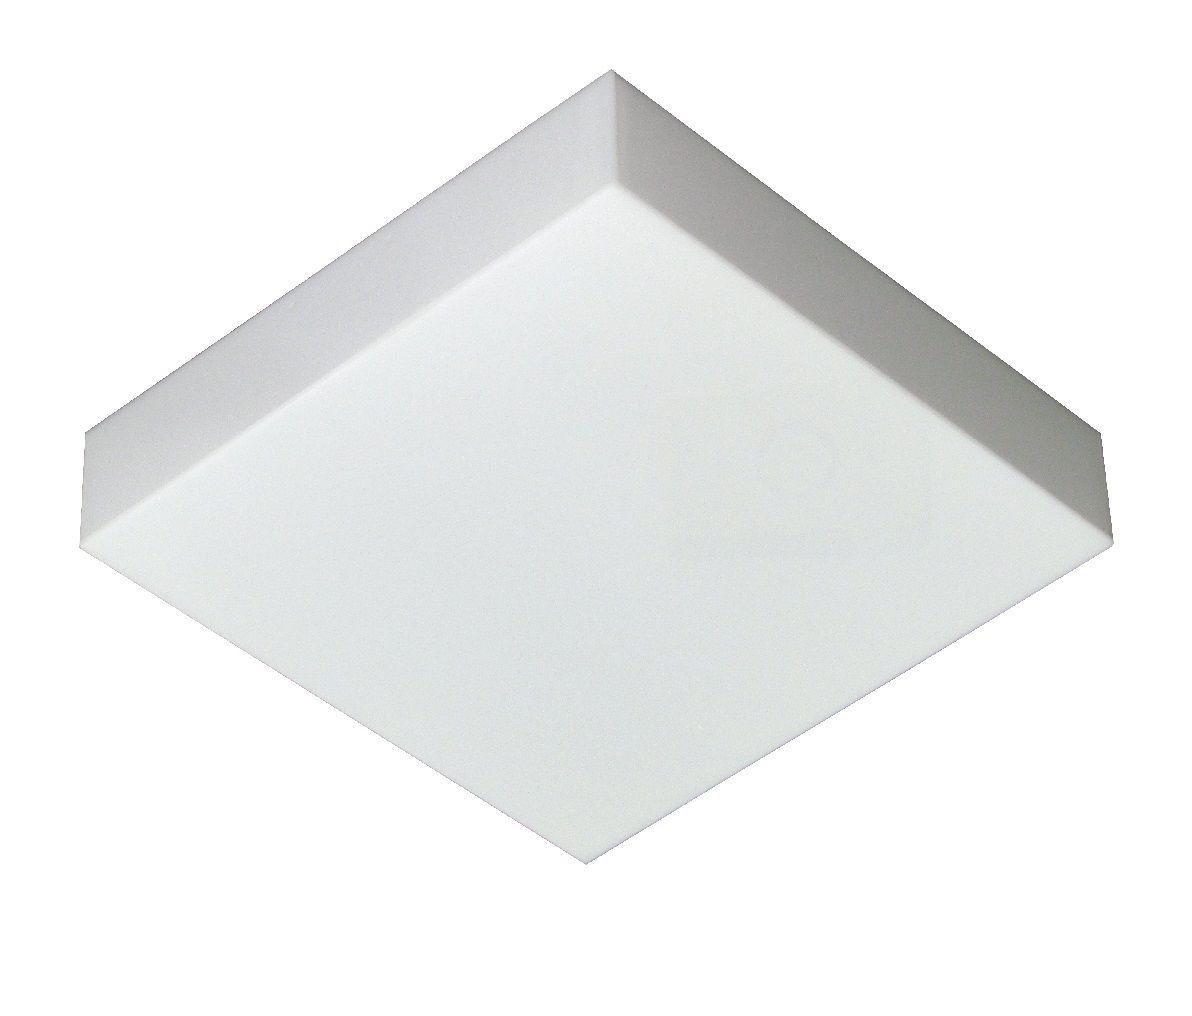 PLAFON LED VALÊNCIA 16W 6500W BRANCO - TUALUX